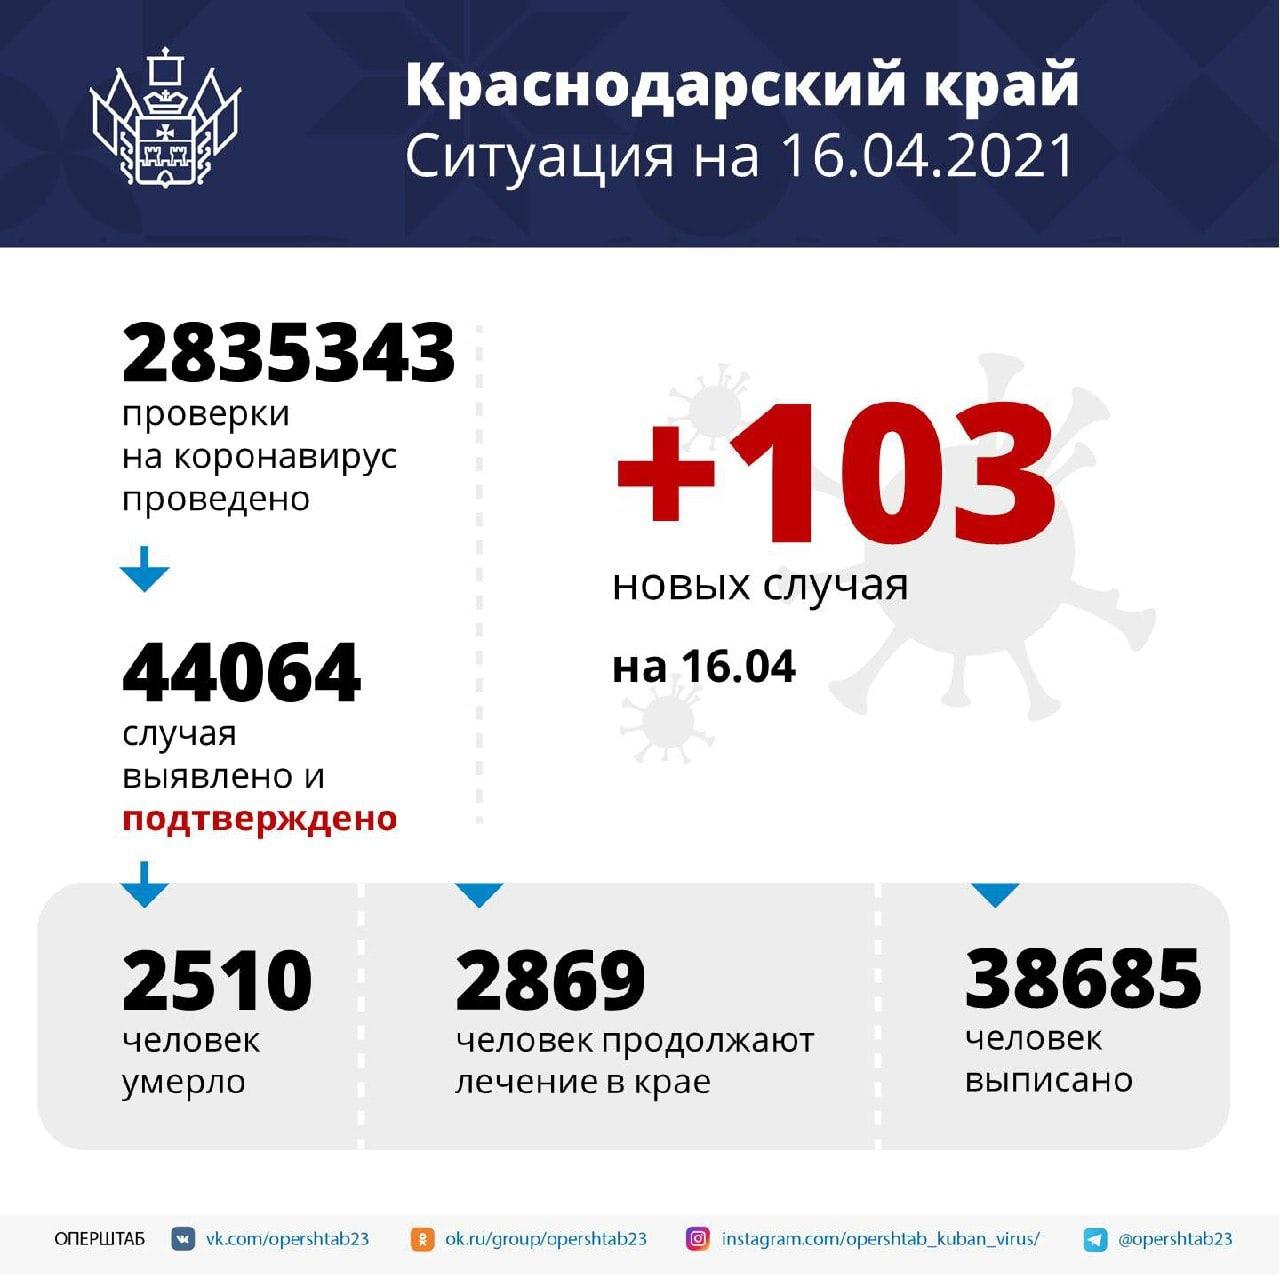 На Кубани за сутки зарегистрировали 103 случая COVID-19Заболевших...